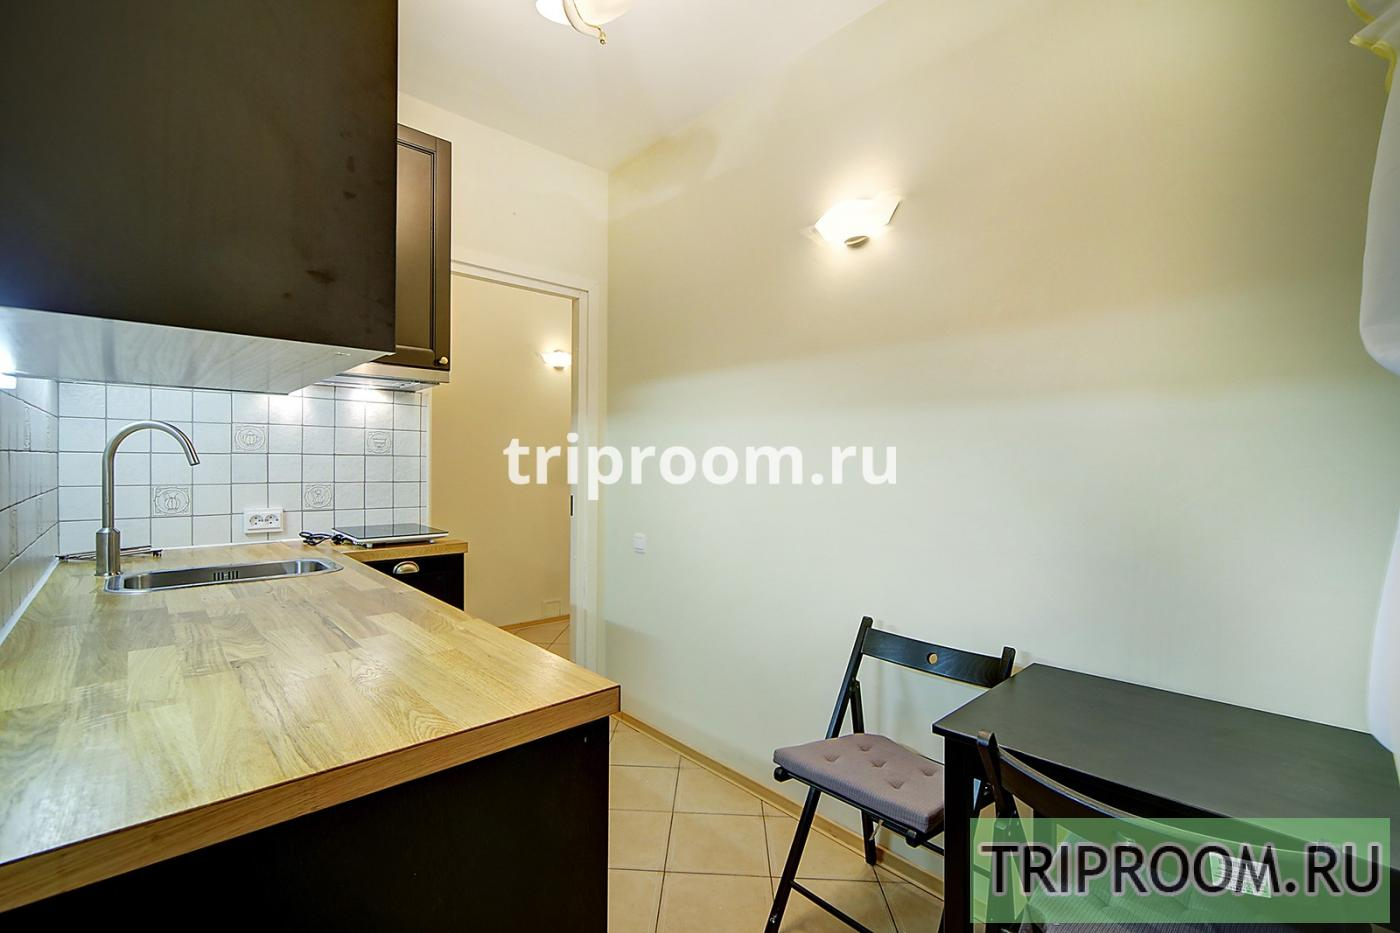 3-комнатная квартира посуточно (вариант № 14749), ул. Большая Конюшенная улица, фото № 19